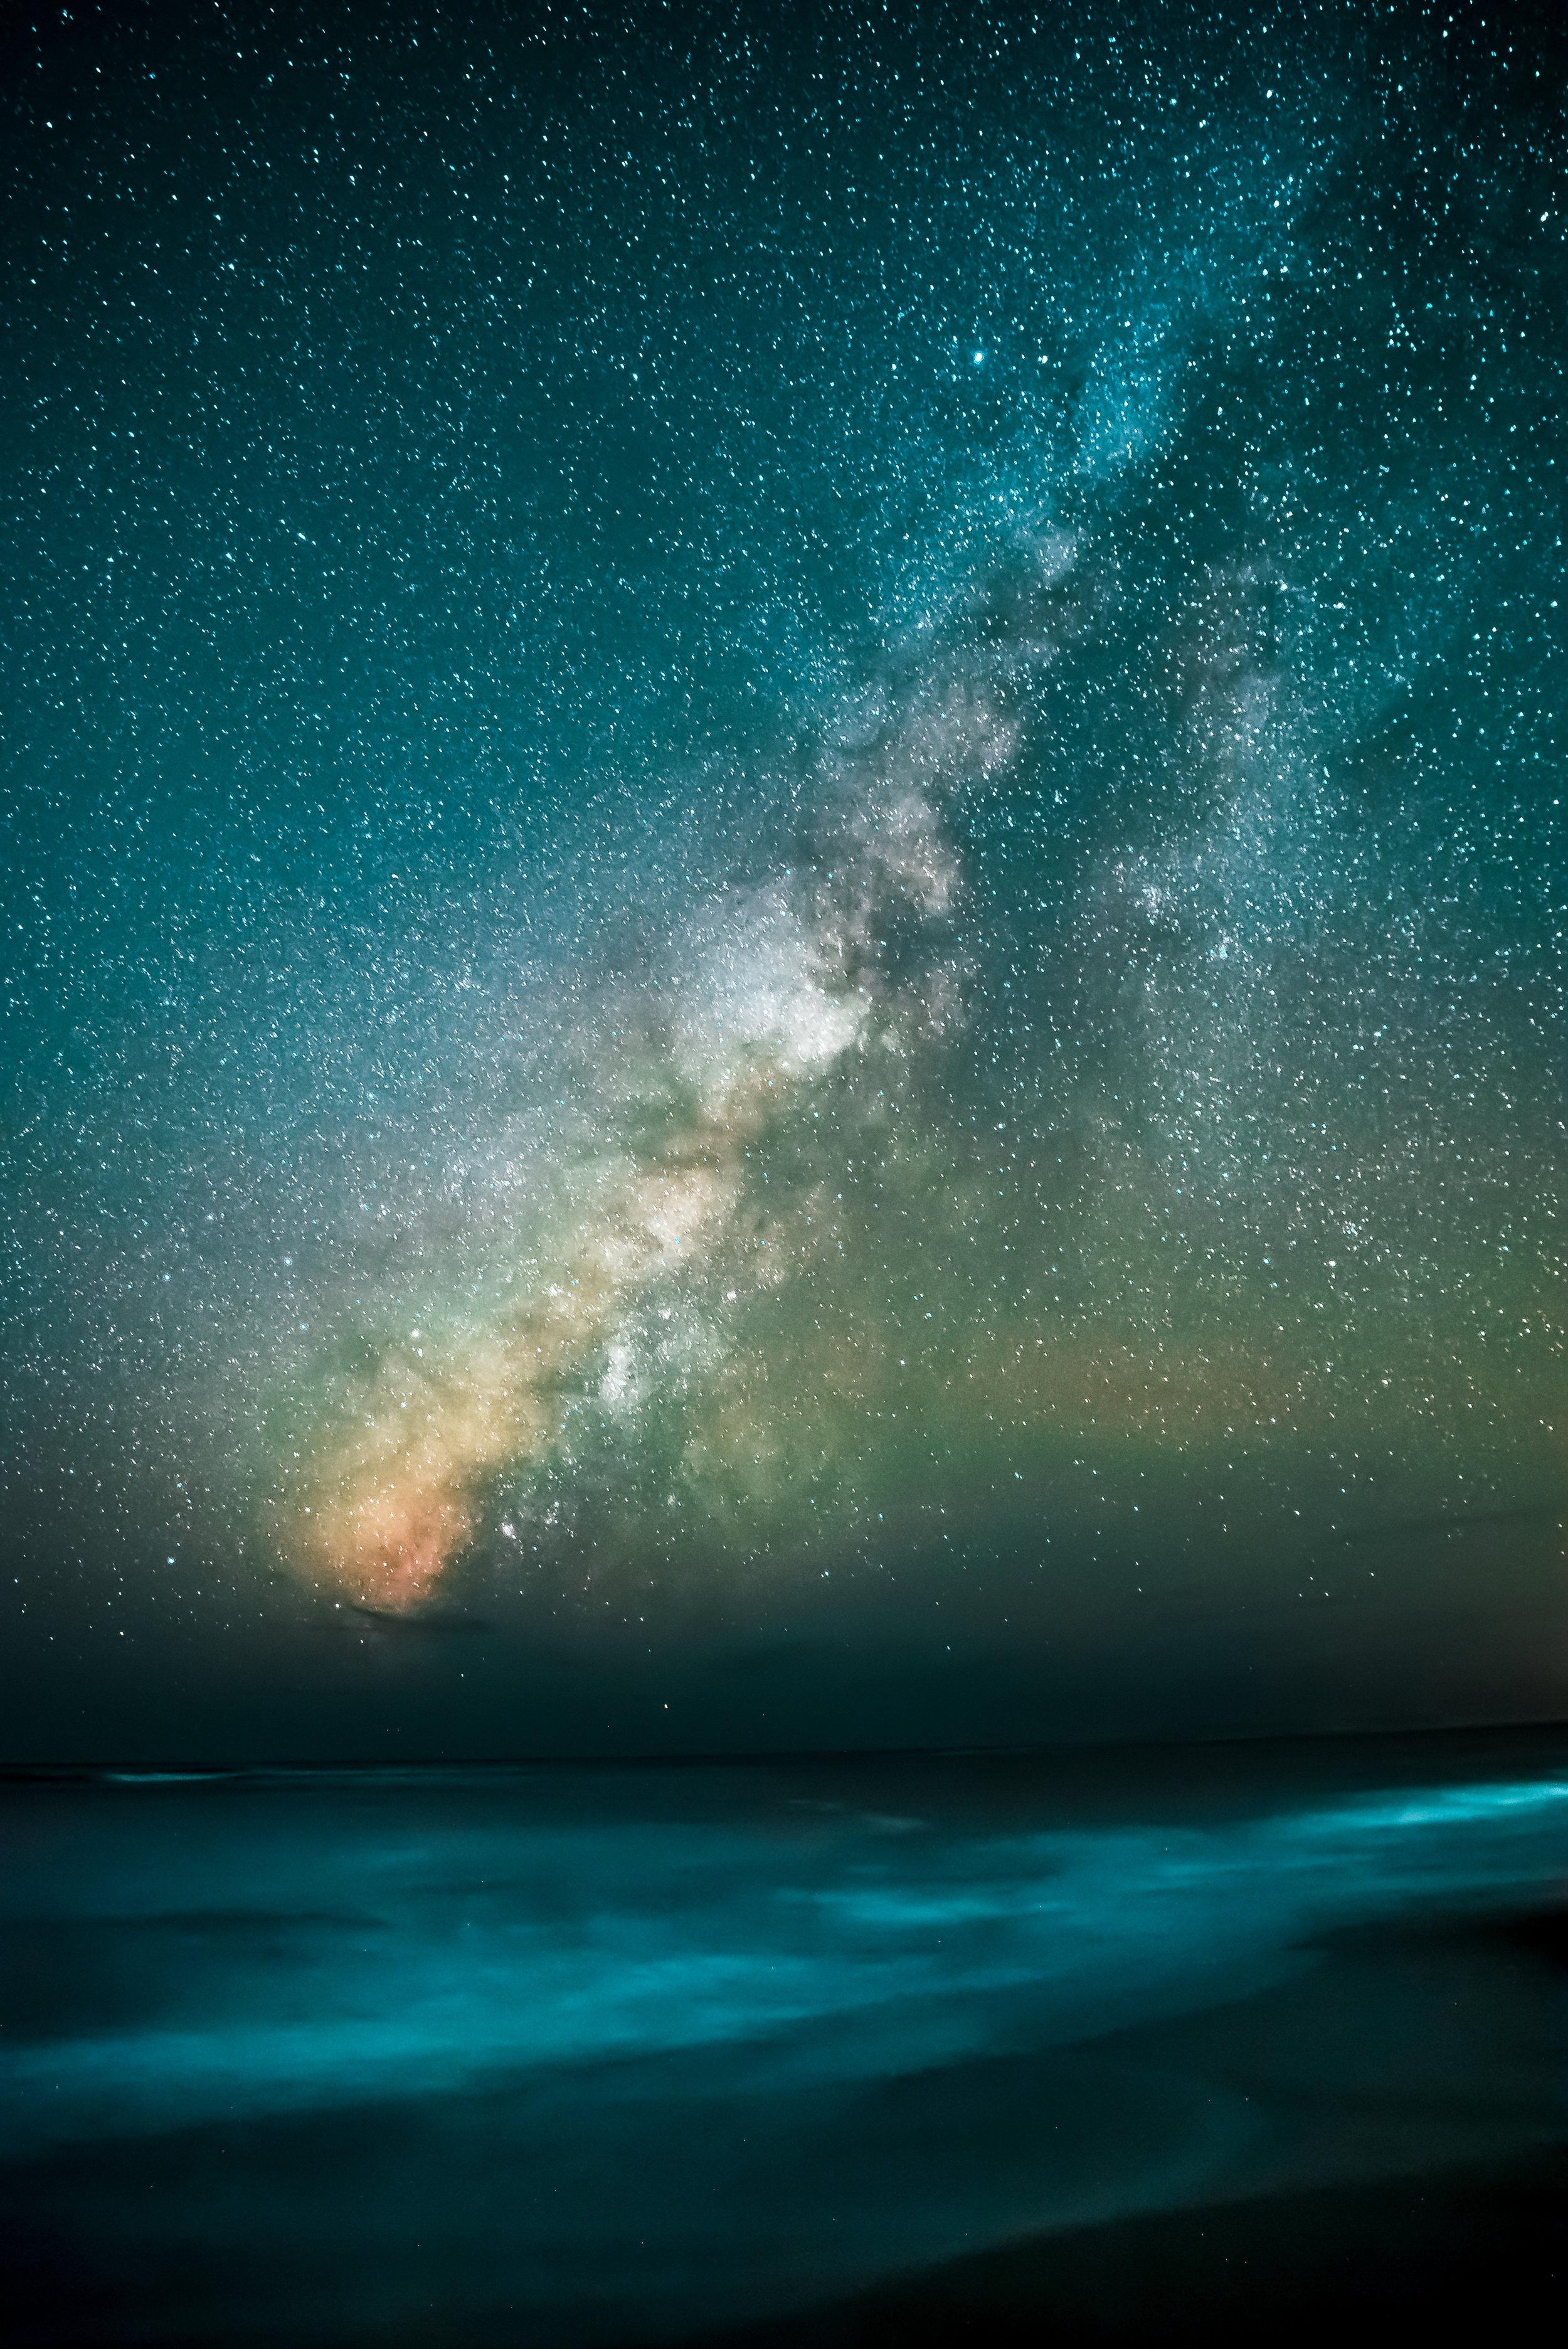 El cielo más hermoso… - En un pedazo de paraíso